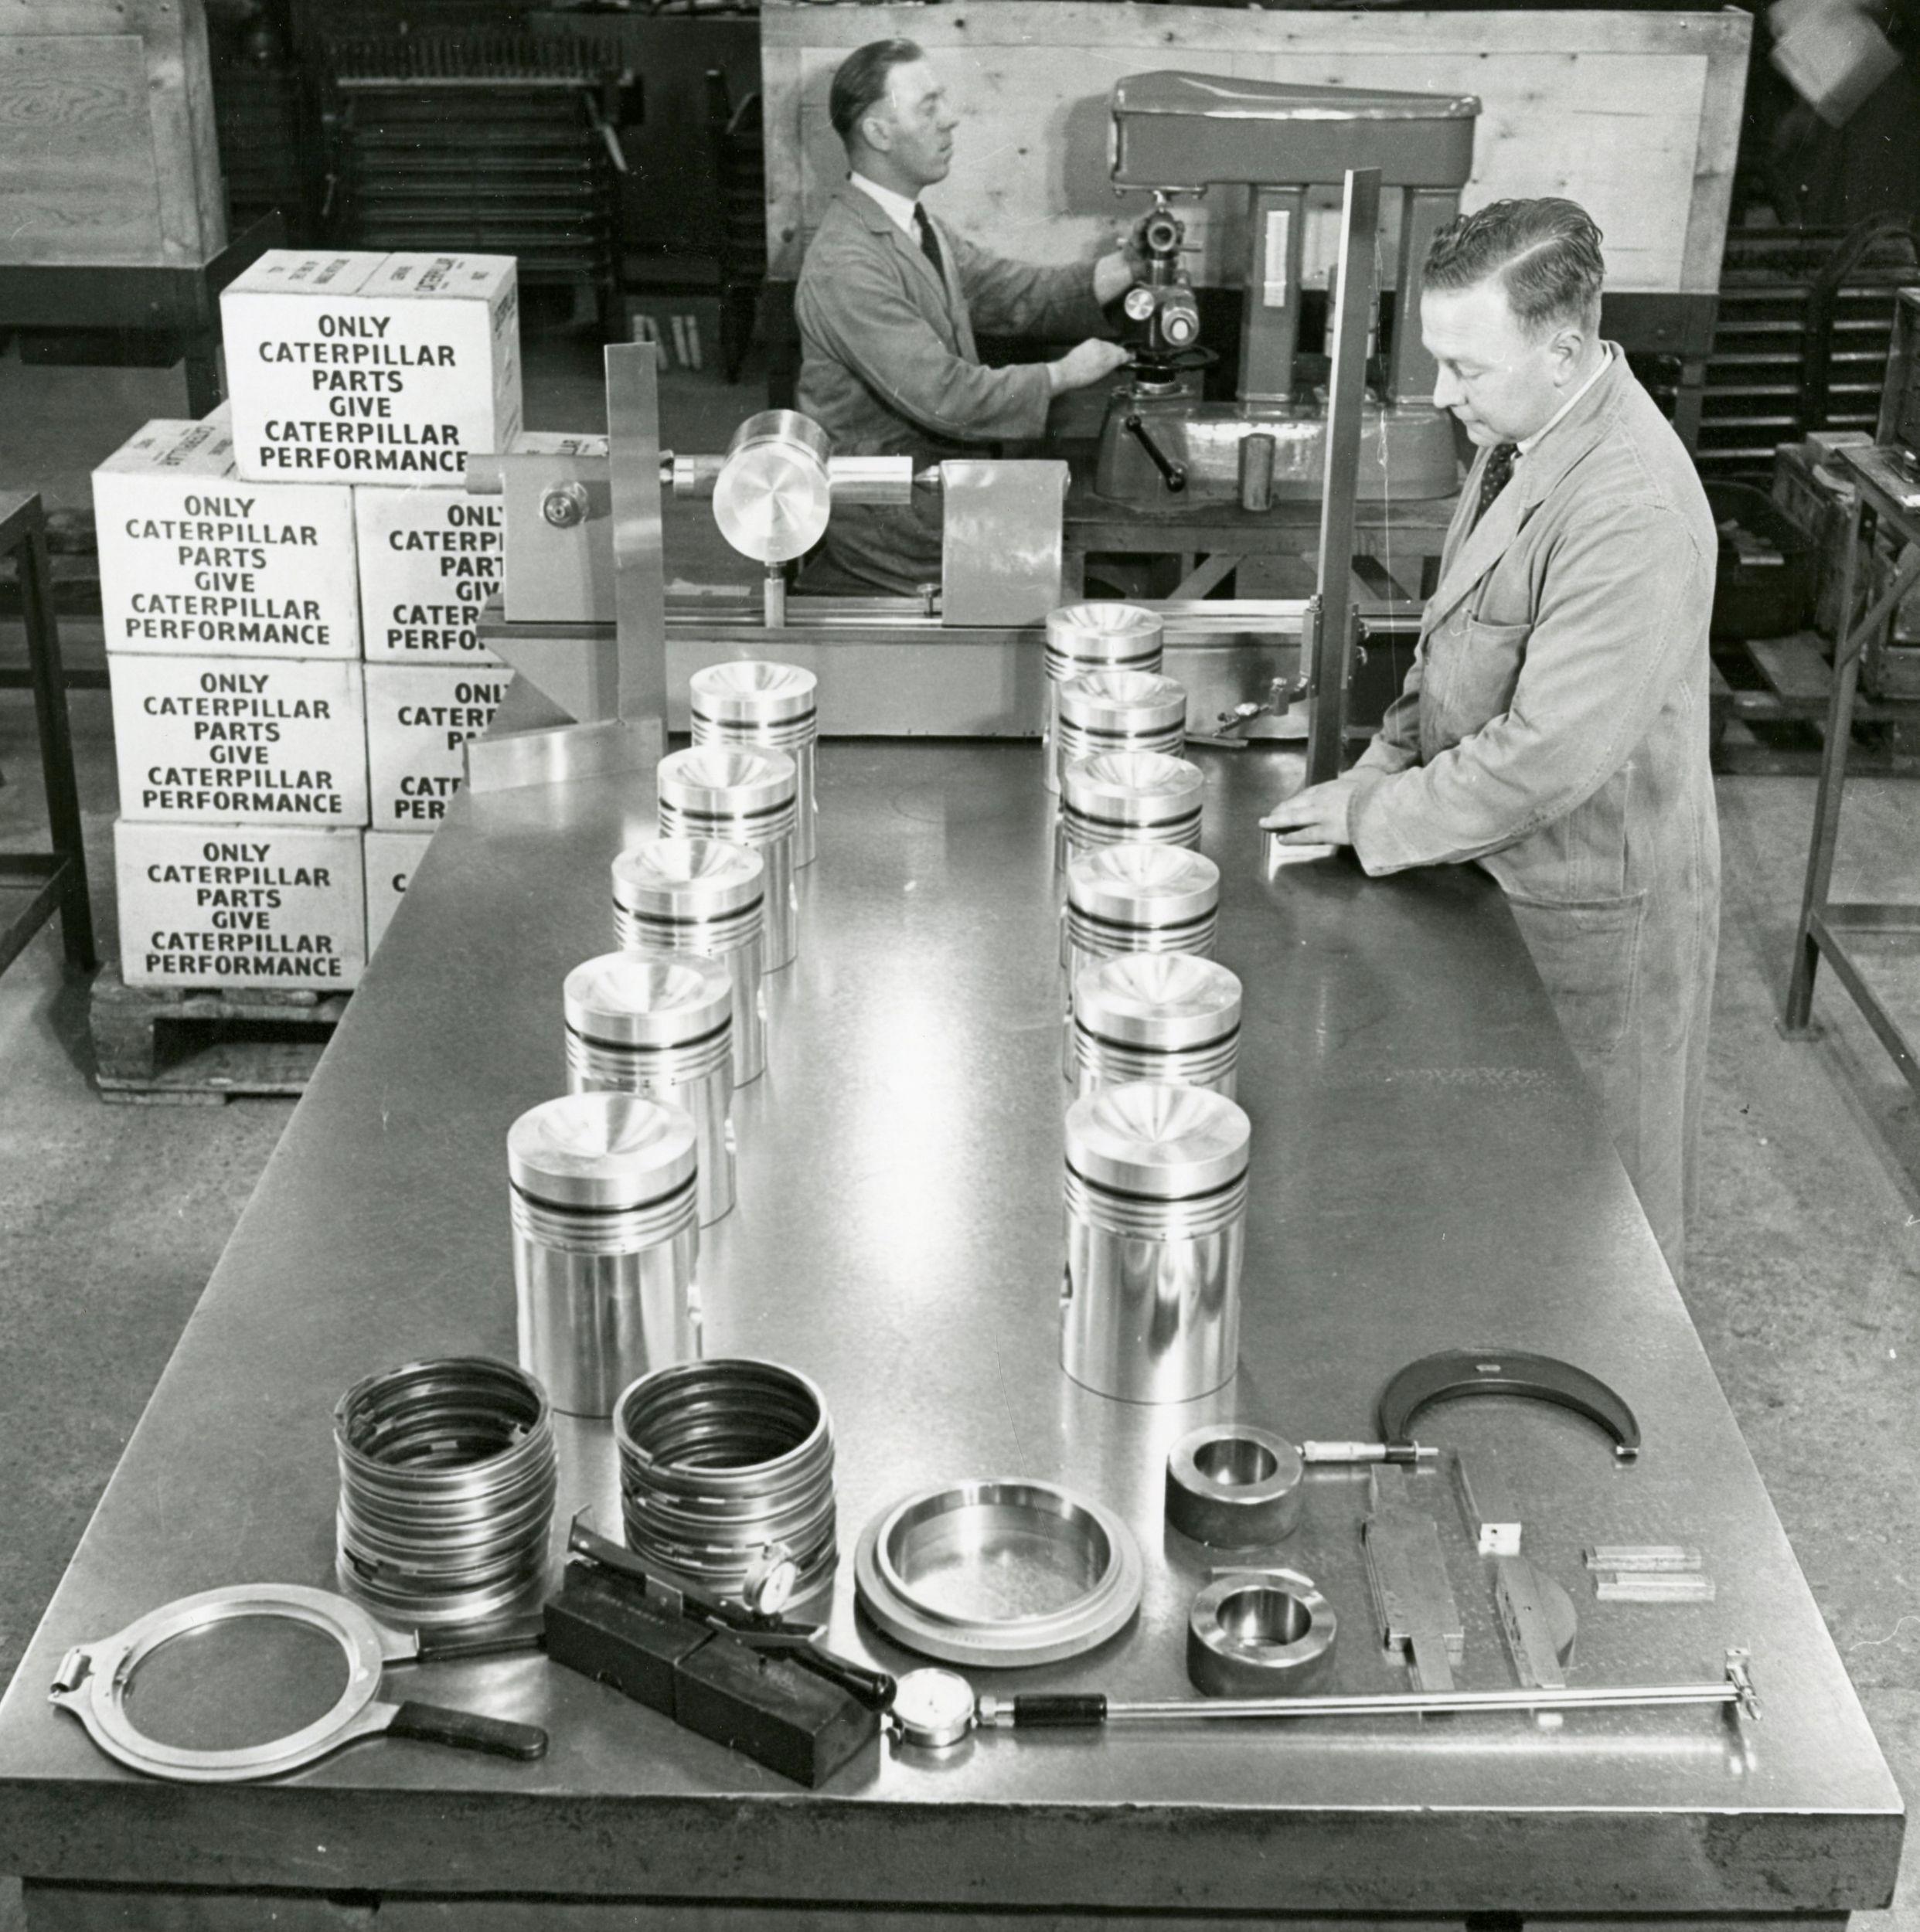 Boxing Caterpillar parts, 1947.